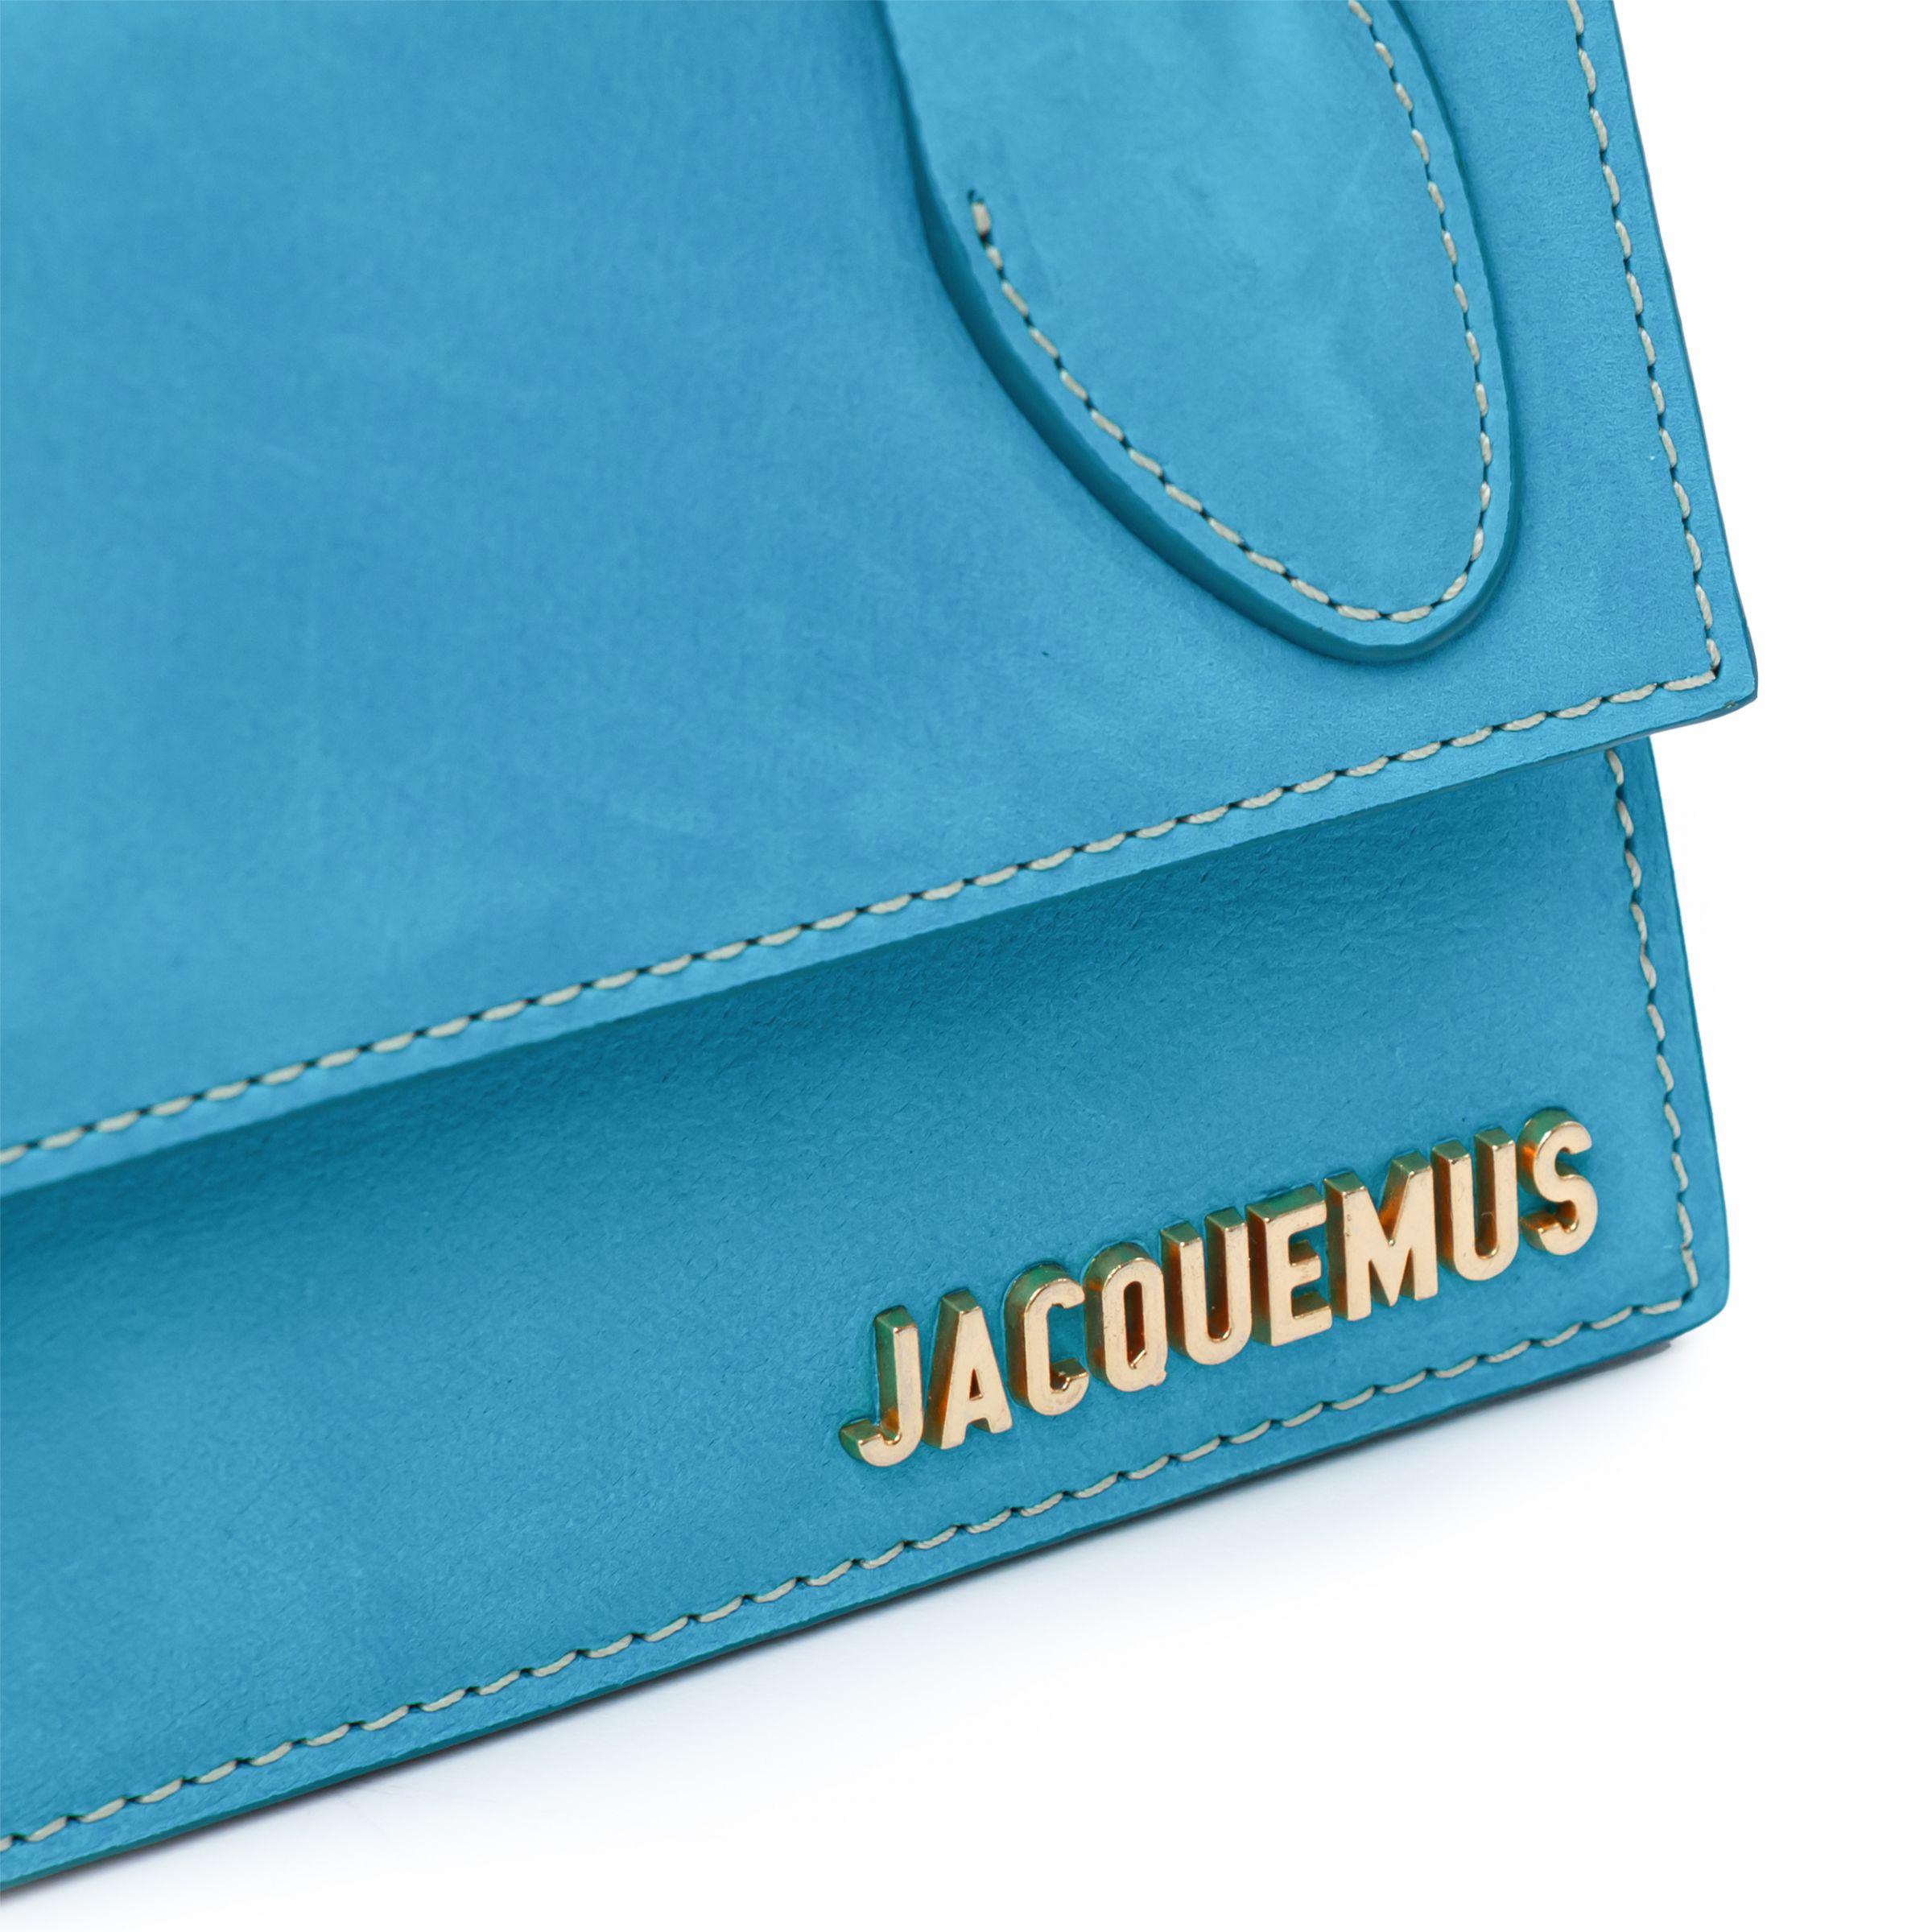 Сумка Jacquemus Le Chiquito Long голубая